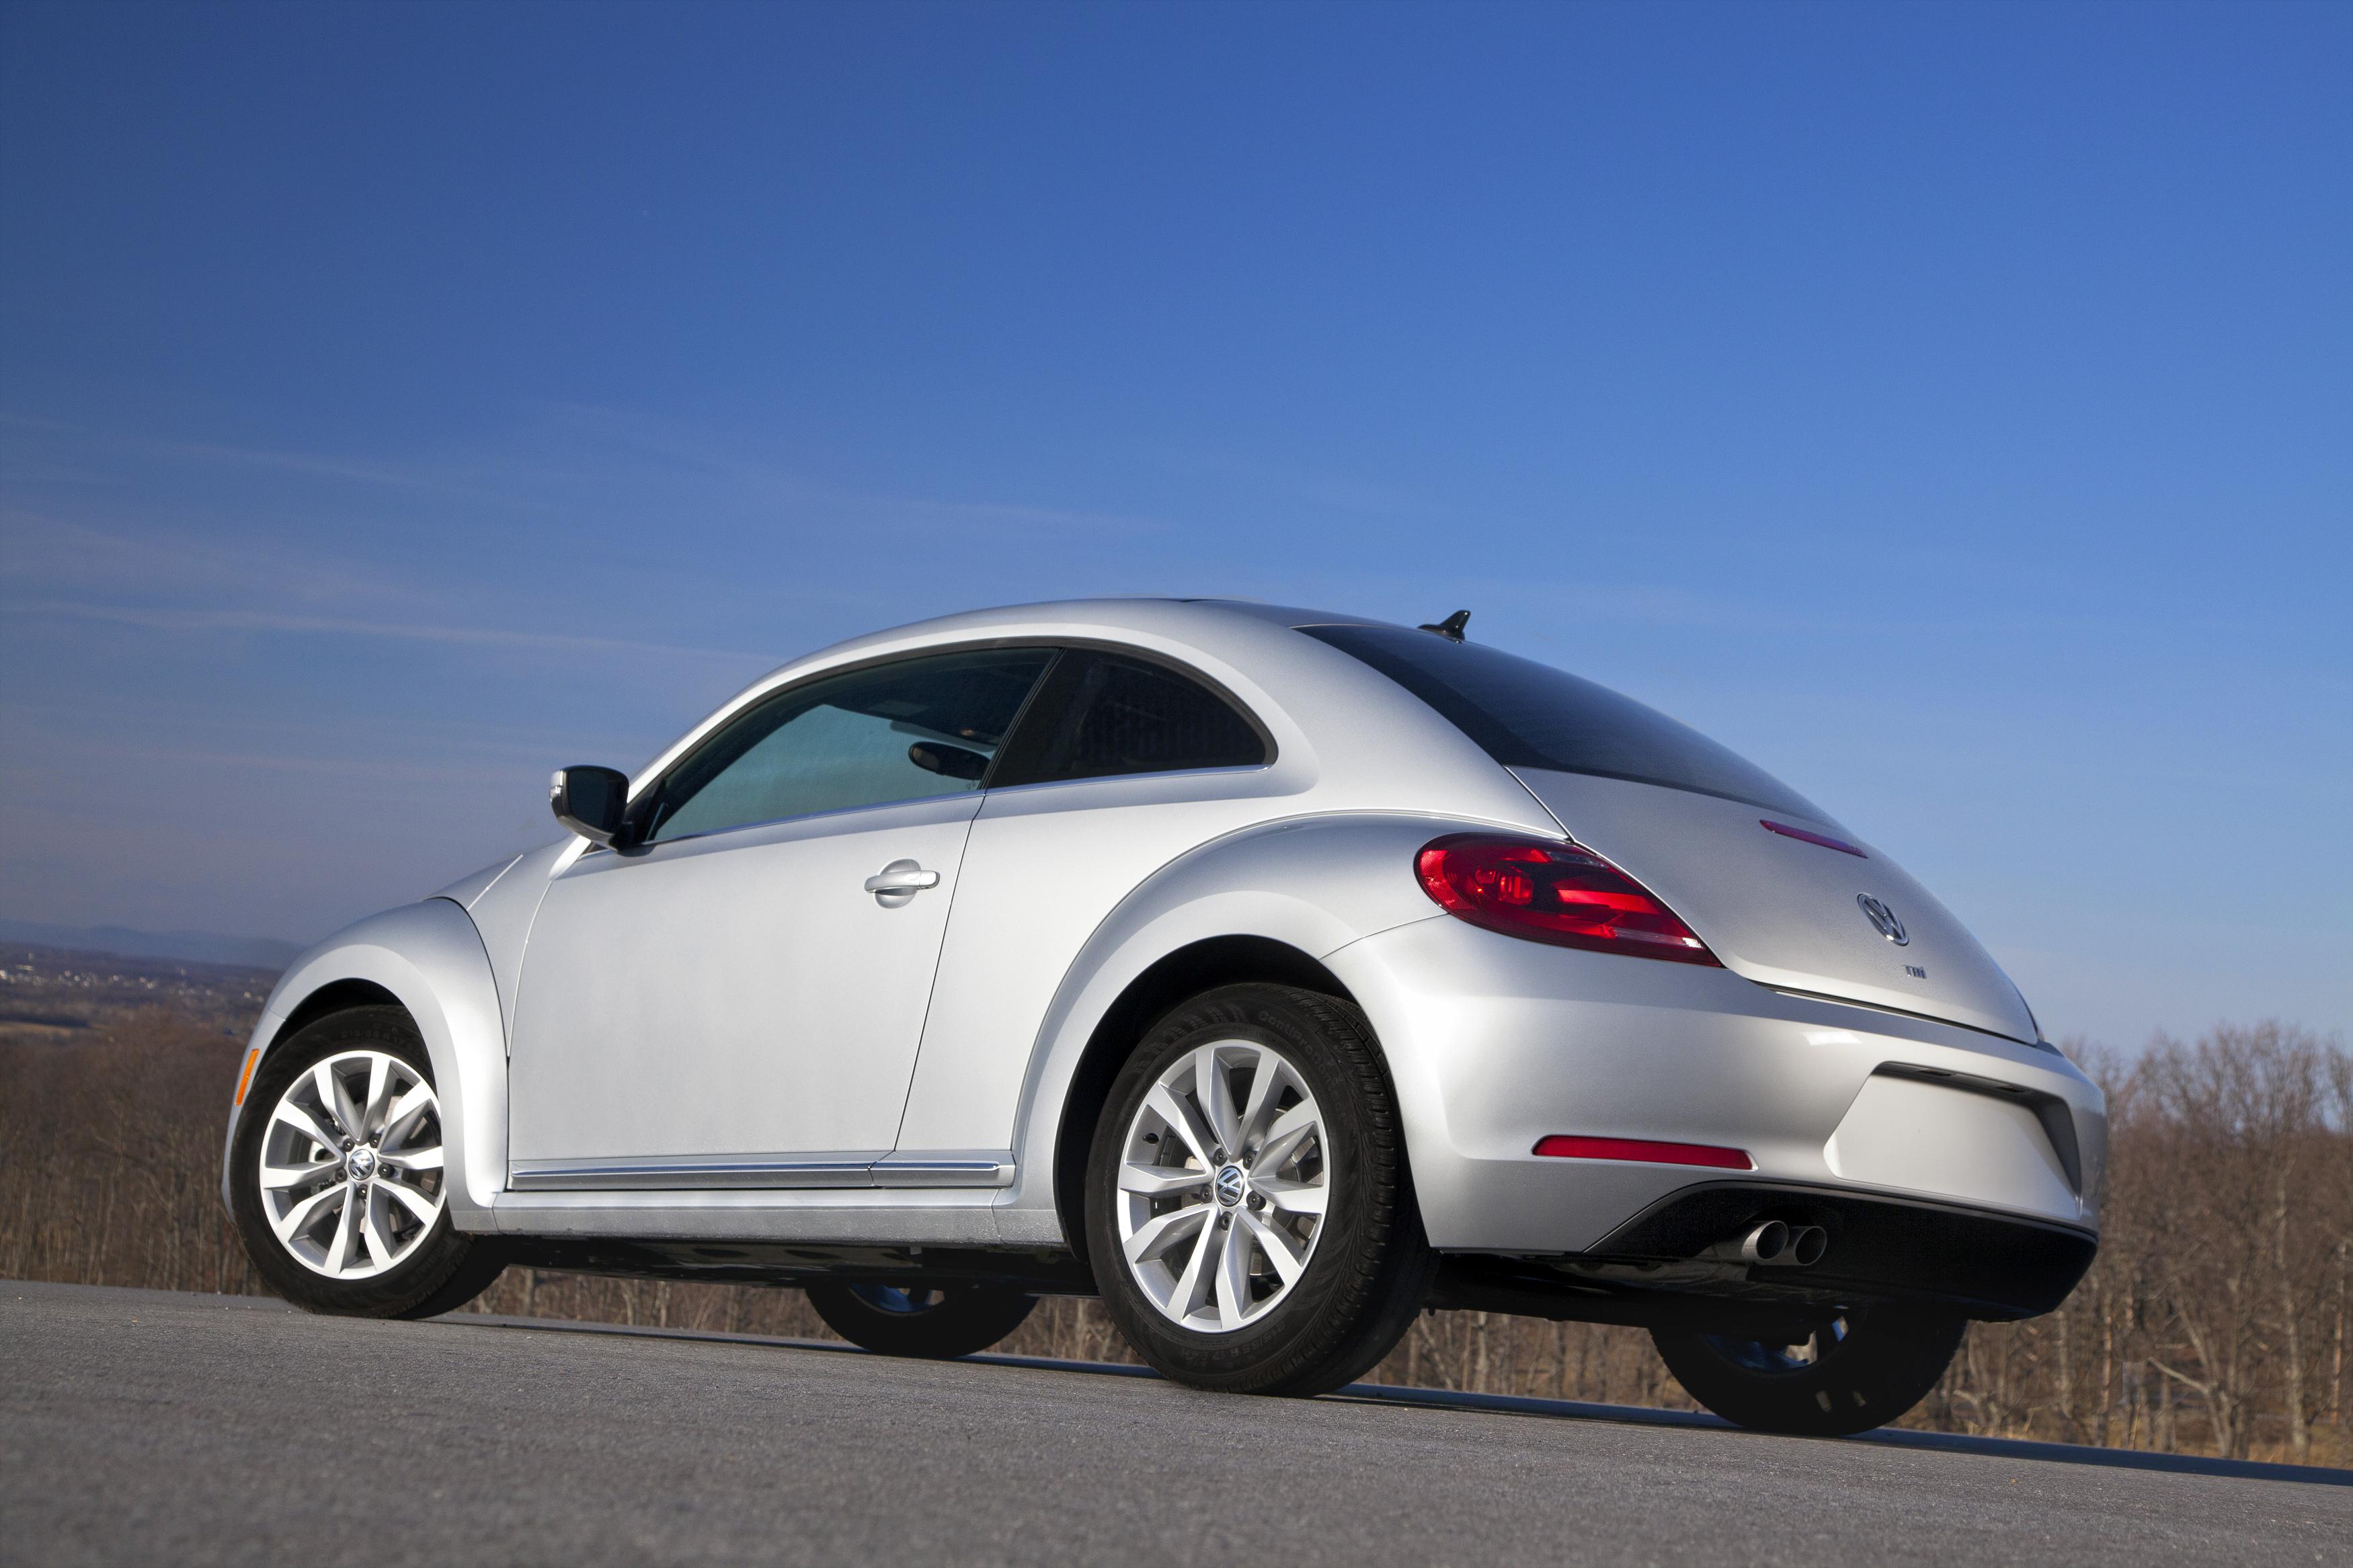 volkswagen-beetle-tdi-009